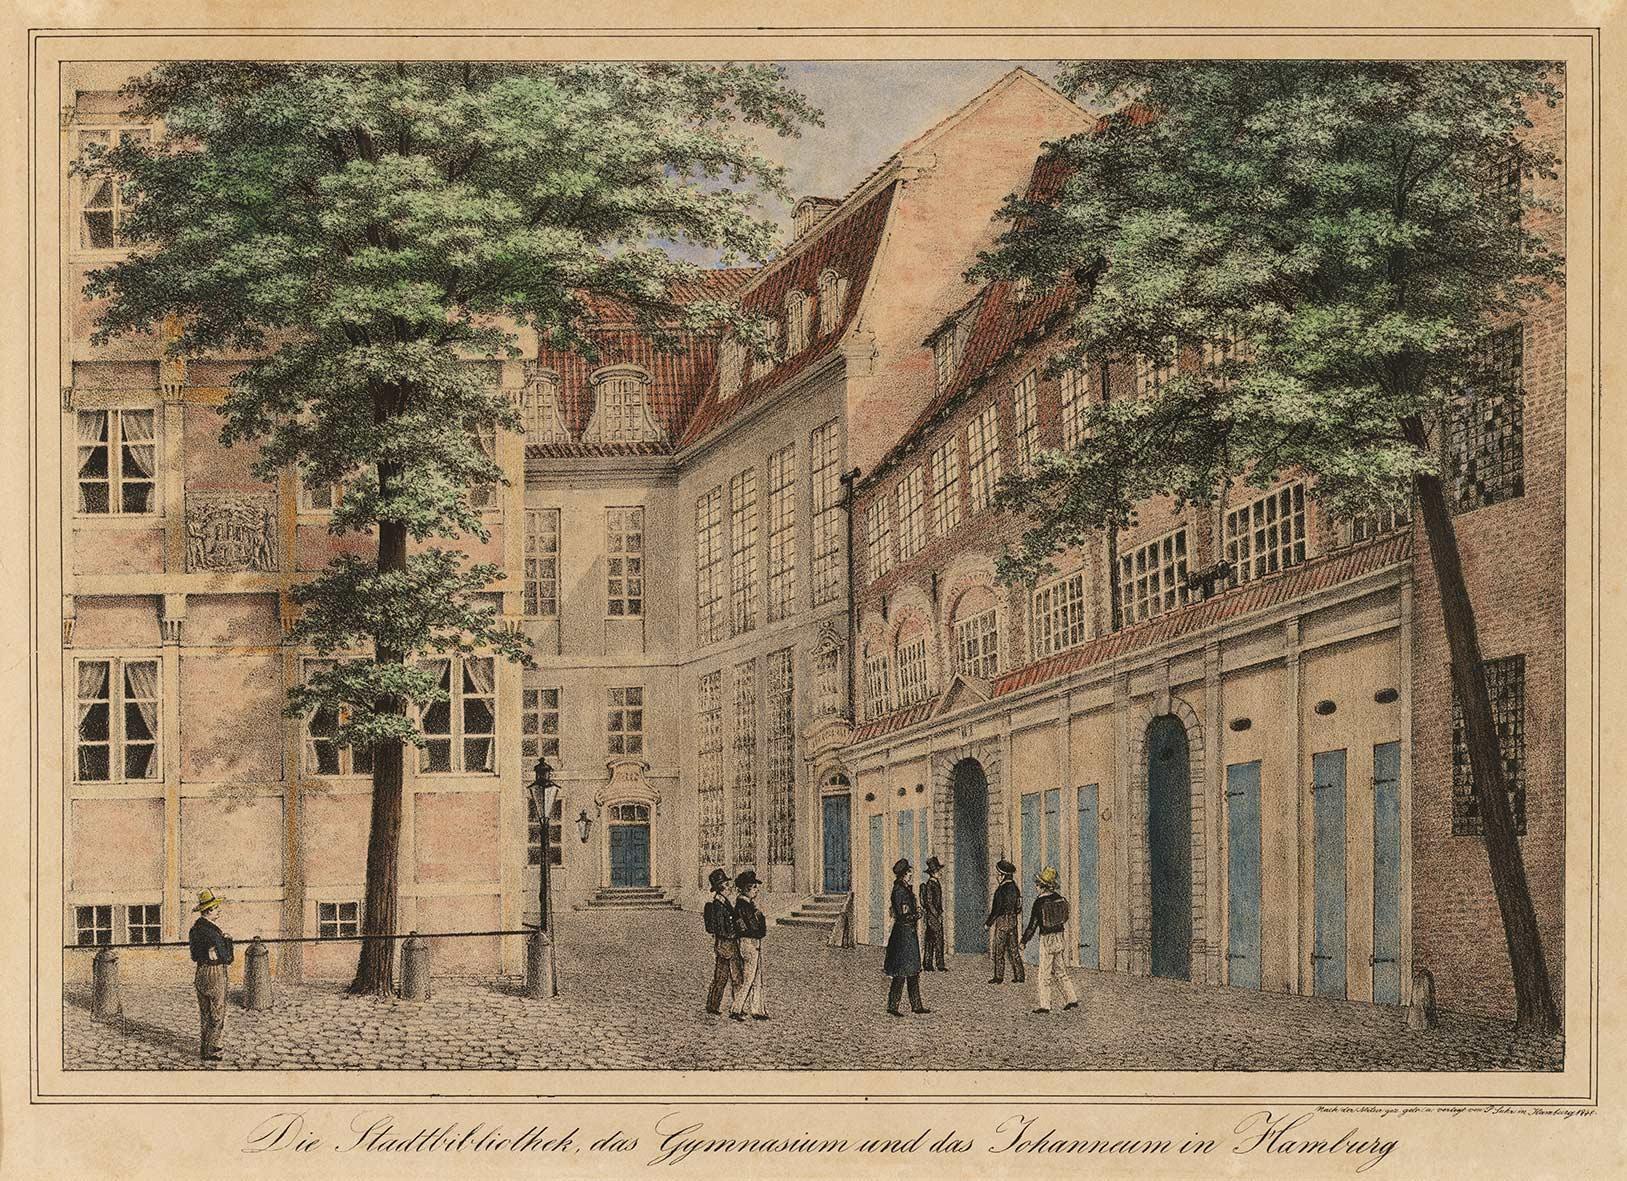 Bibliotheksgebäude von 1745, von der Seite des Plans, Stich um 1840